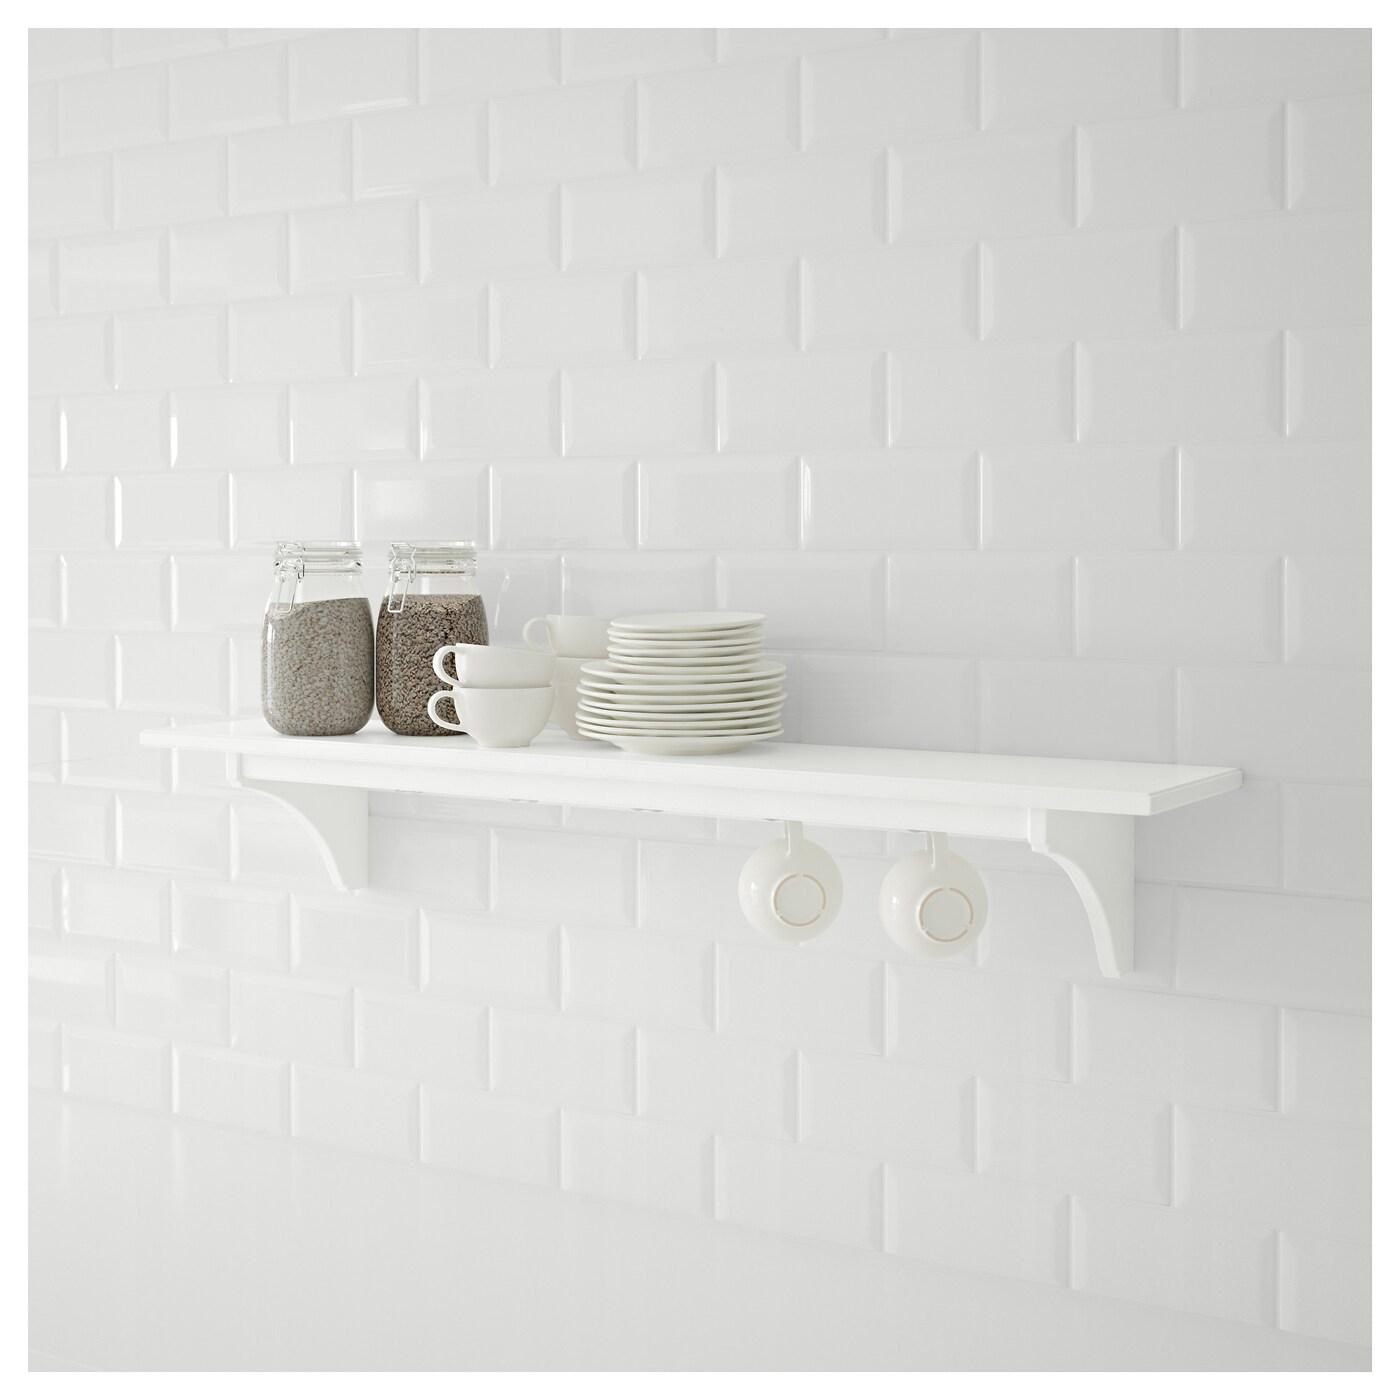 stenstorp tag re murale blanc 120 cm ikea. Black Bedroom Furniture Sets. Home Design Ideas